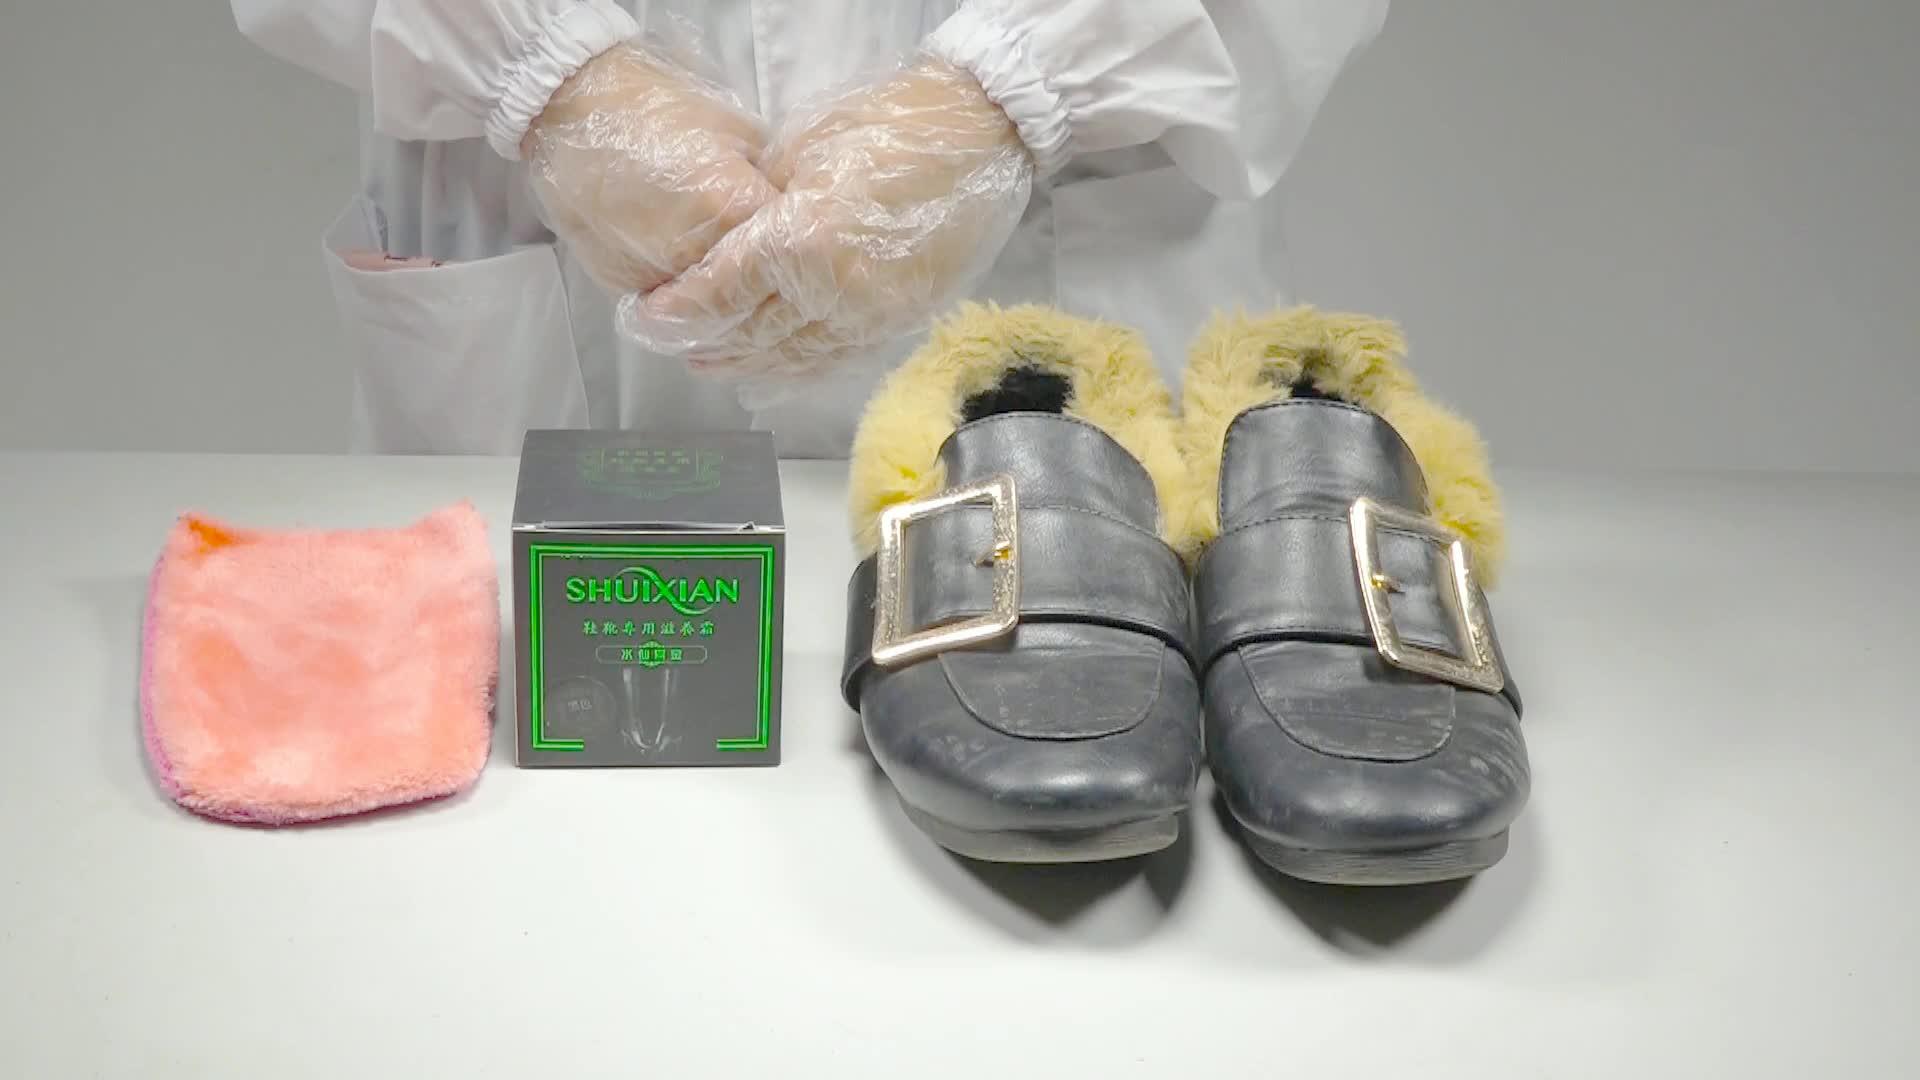 100 그램 Shuixian 신발 크림 폴란드어 고급 가죽